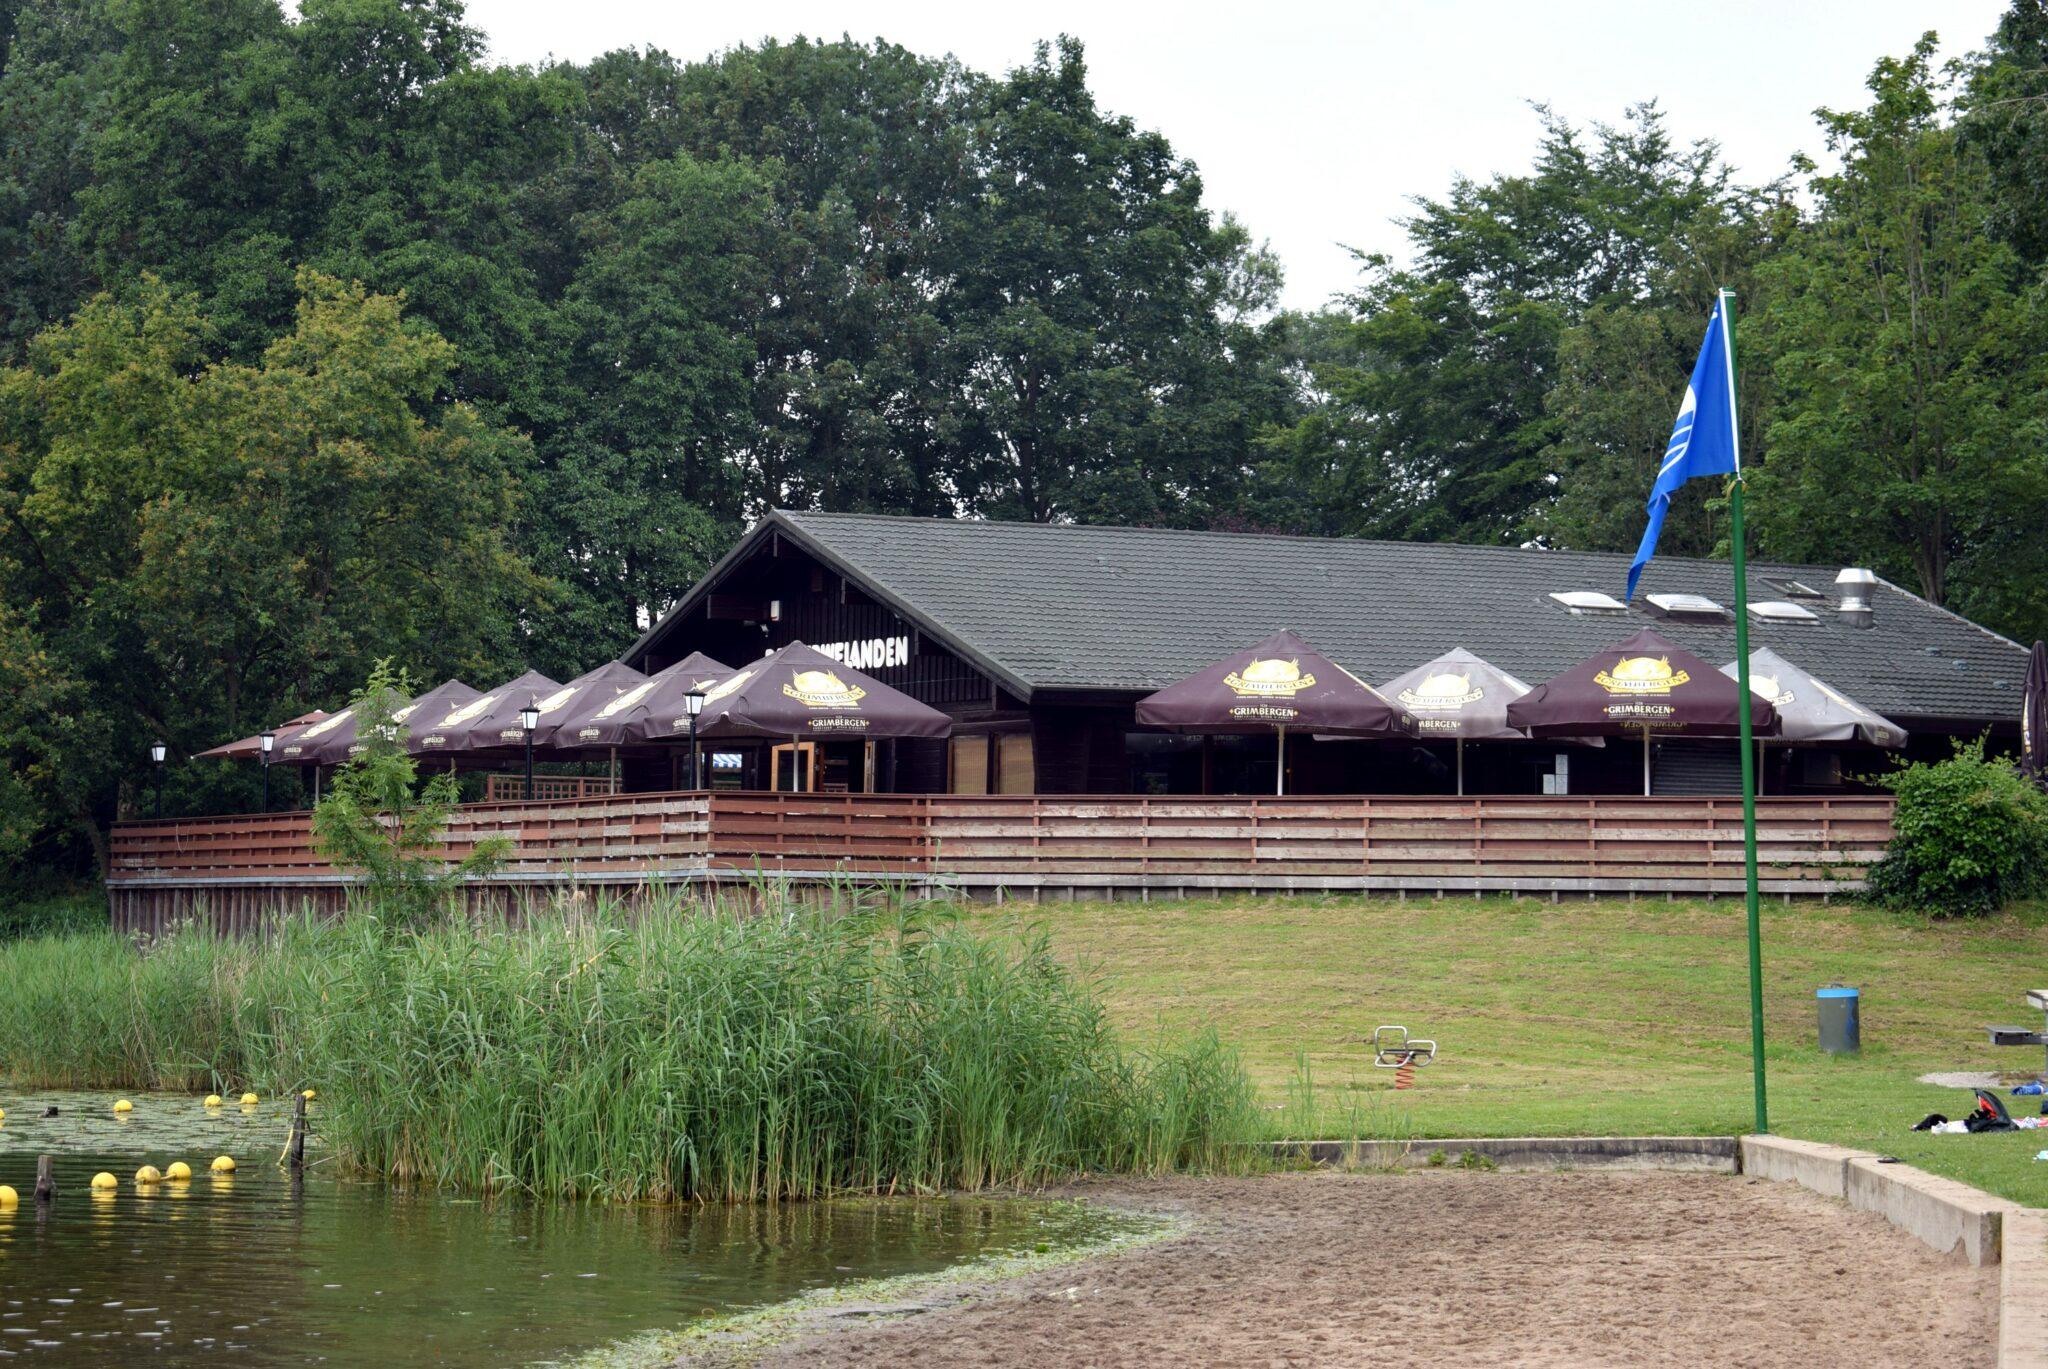 Restaurant De Merwelanden in de Biesbosch - indebuurt Dordrecht